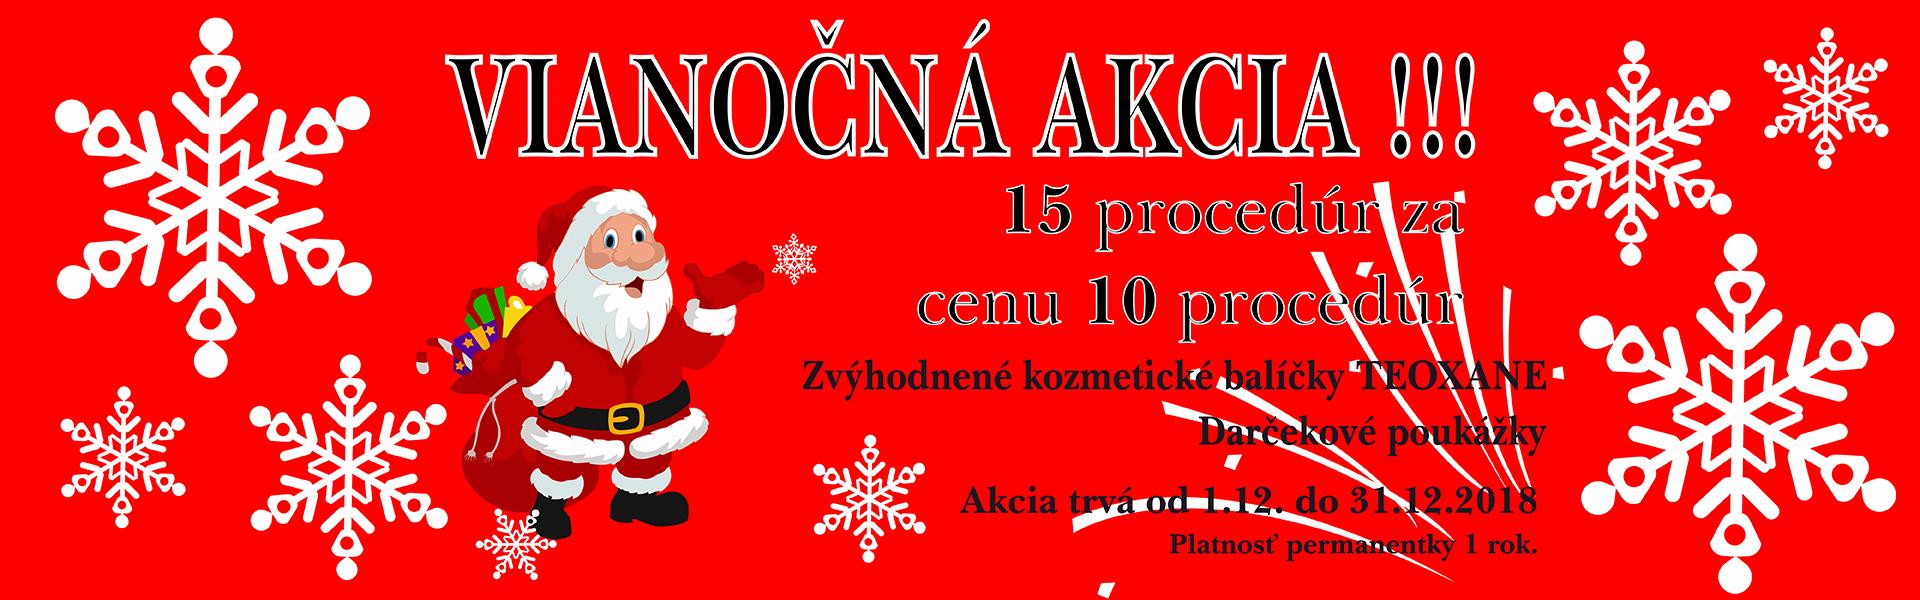 Vianocna akcia